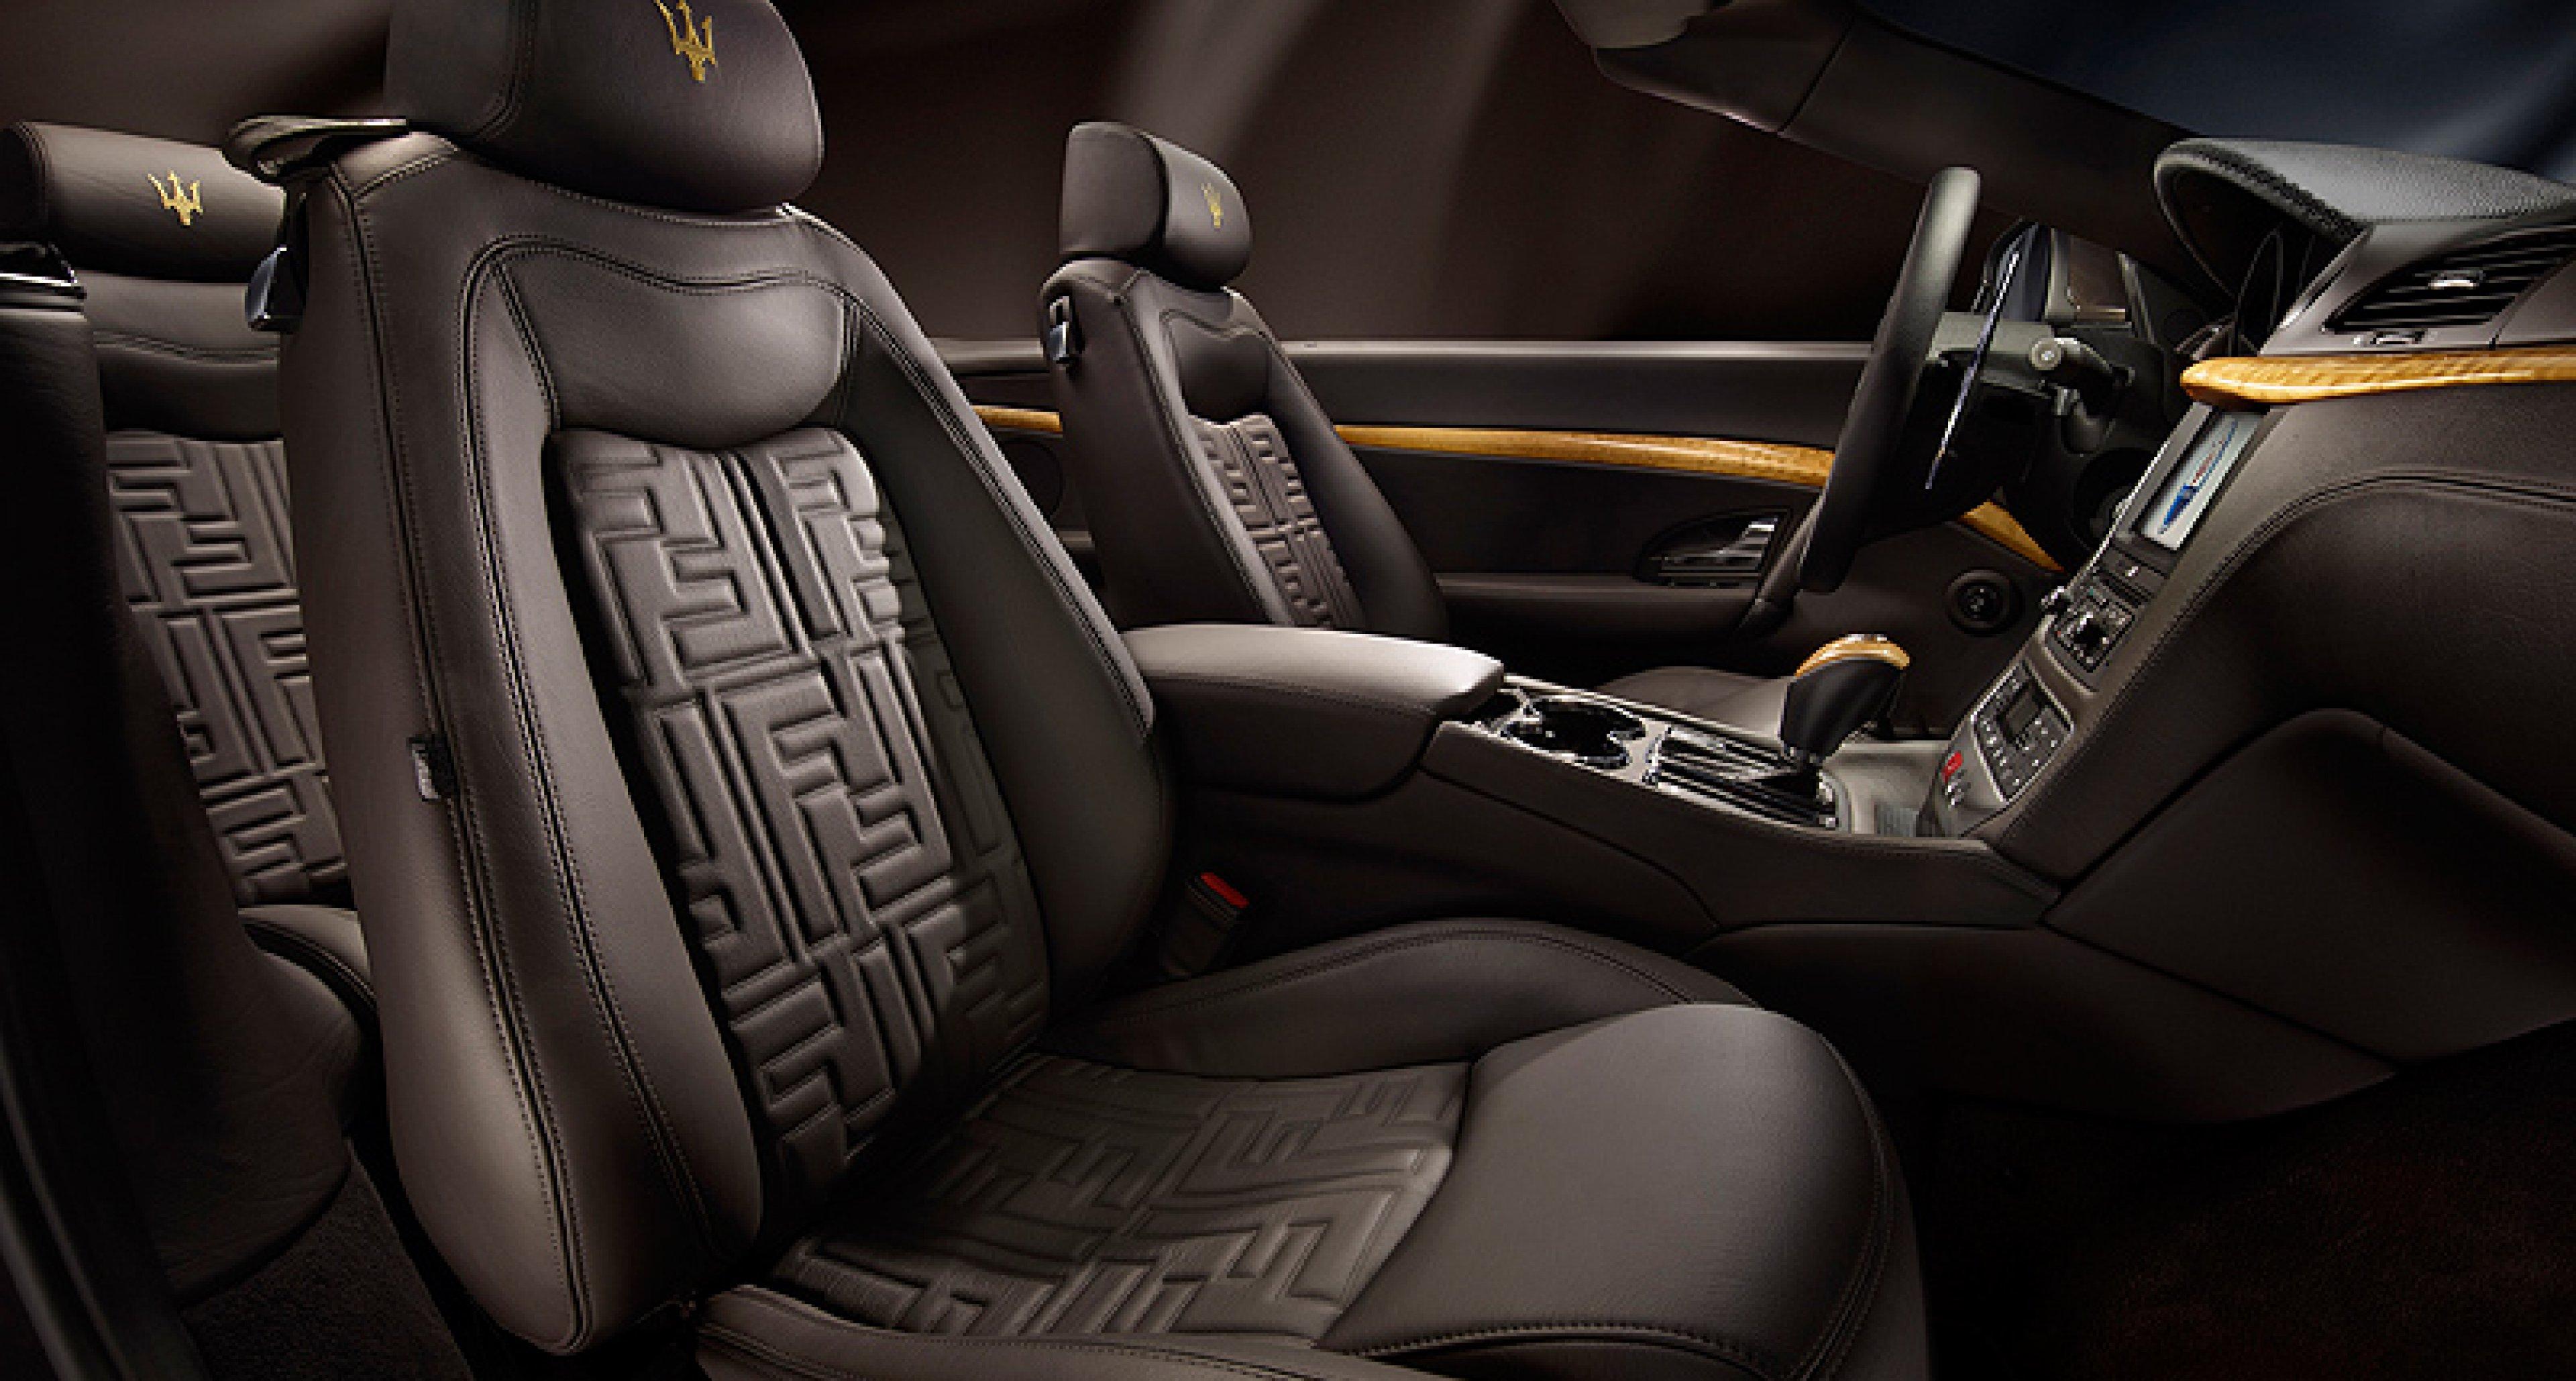 Fendi Maserati GranCabrio: The fashion connection